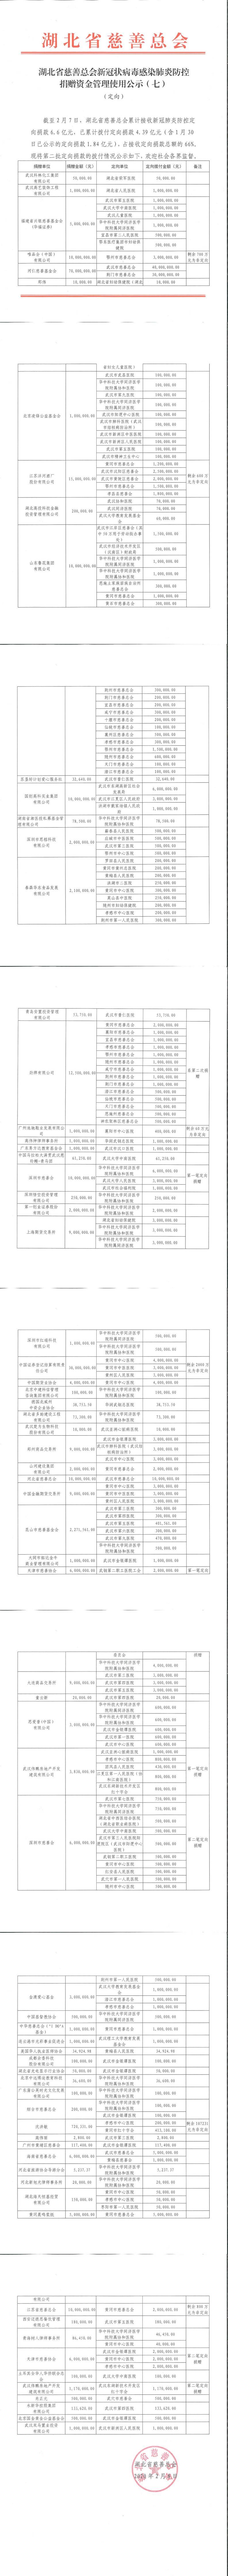 资金公示(七).png